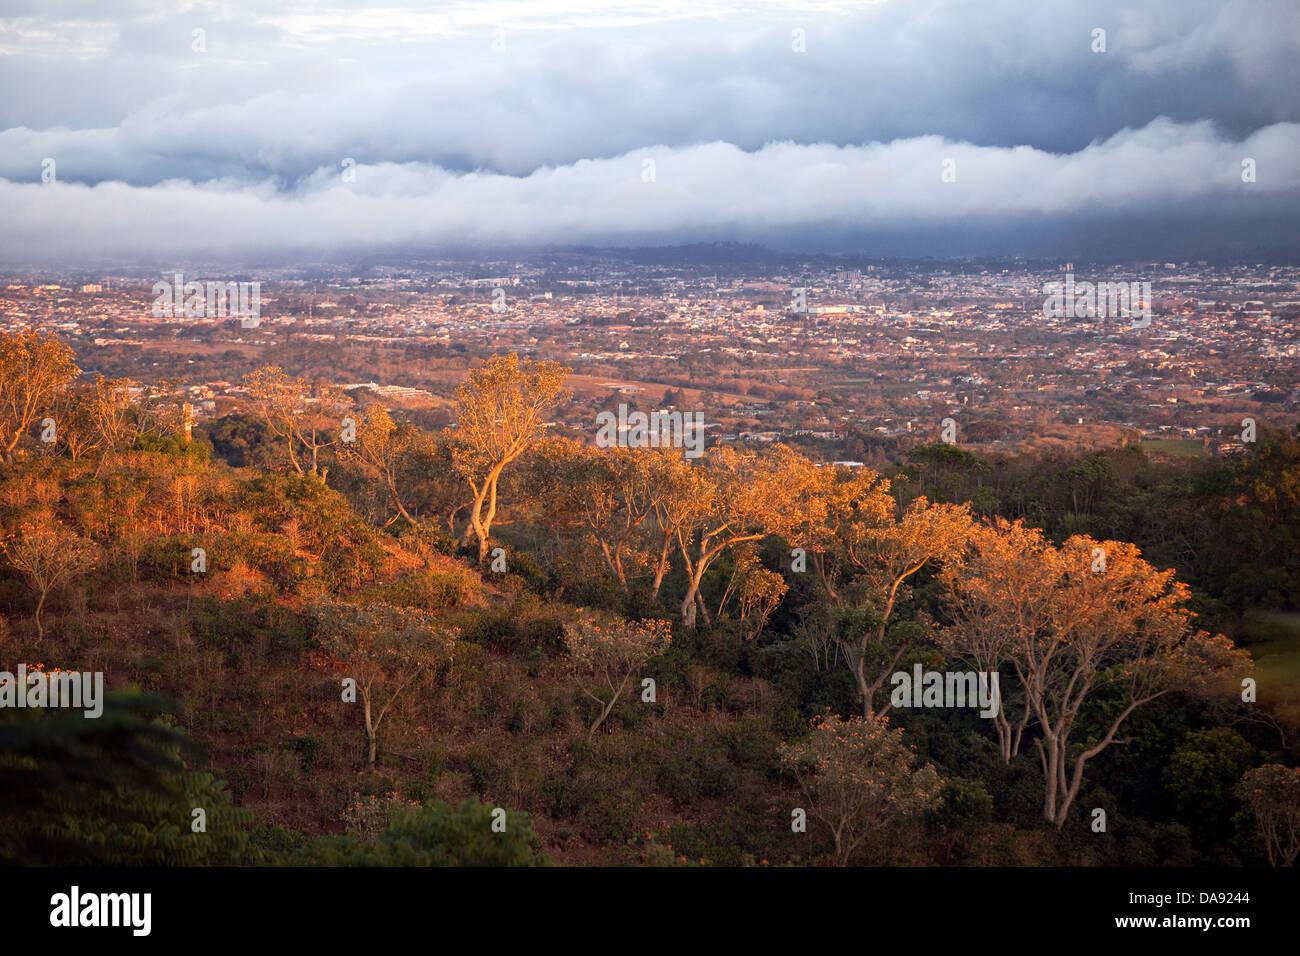 Affacciato sulla San Jose Valley, Costa Rica Immagini Stock